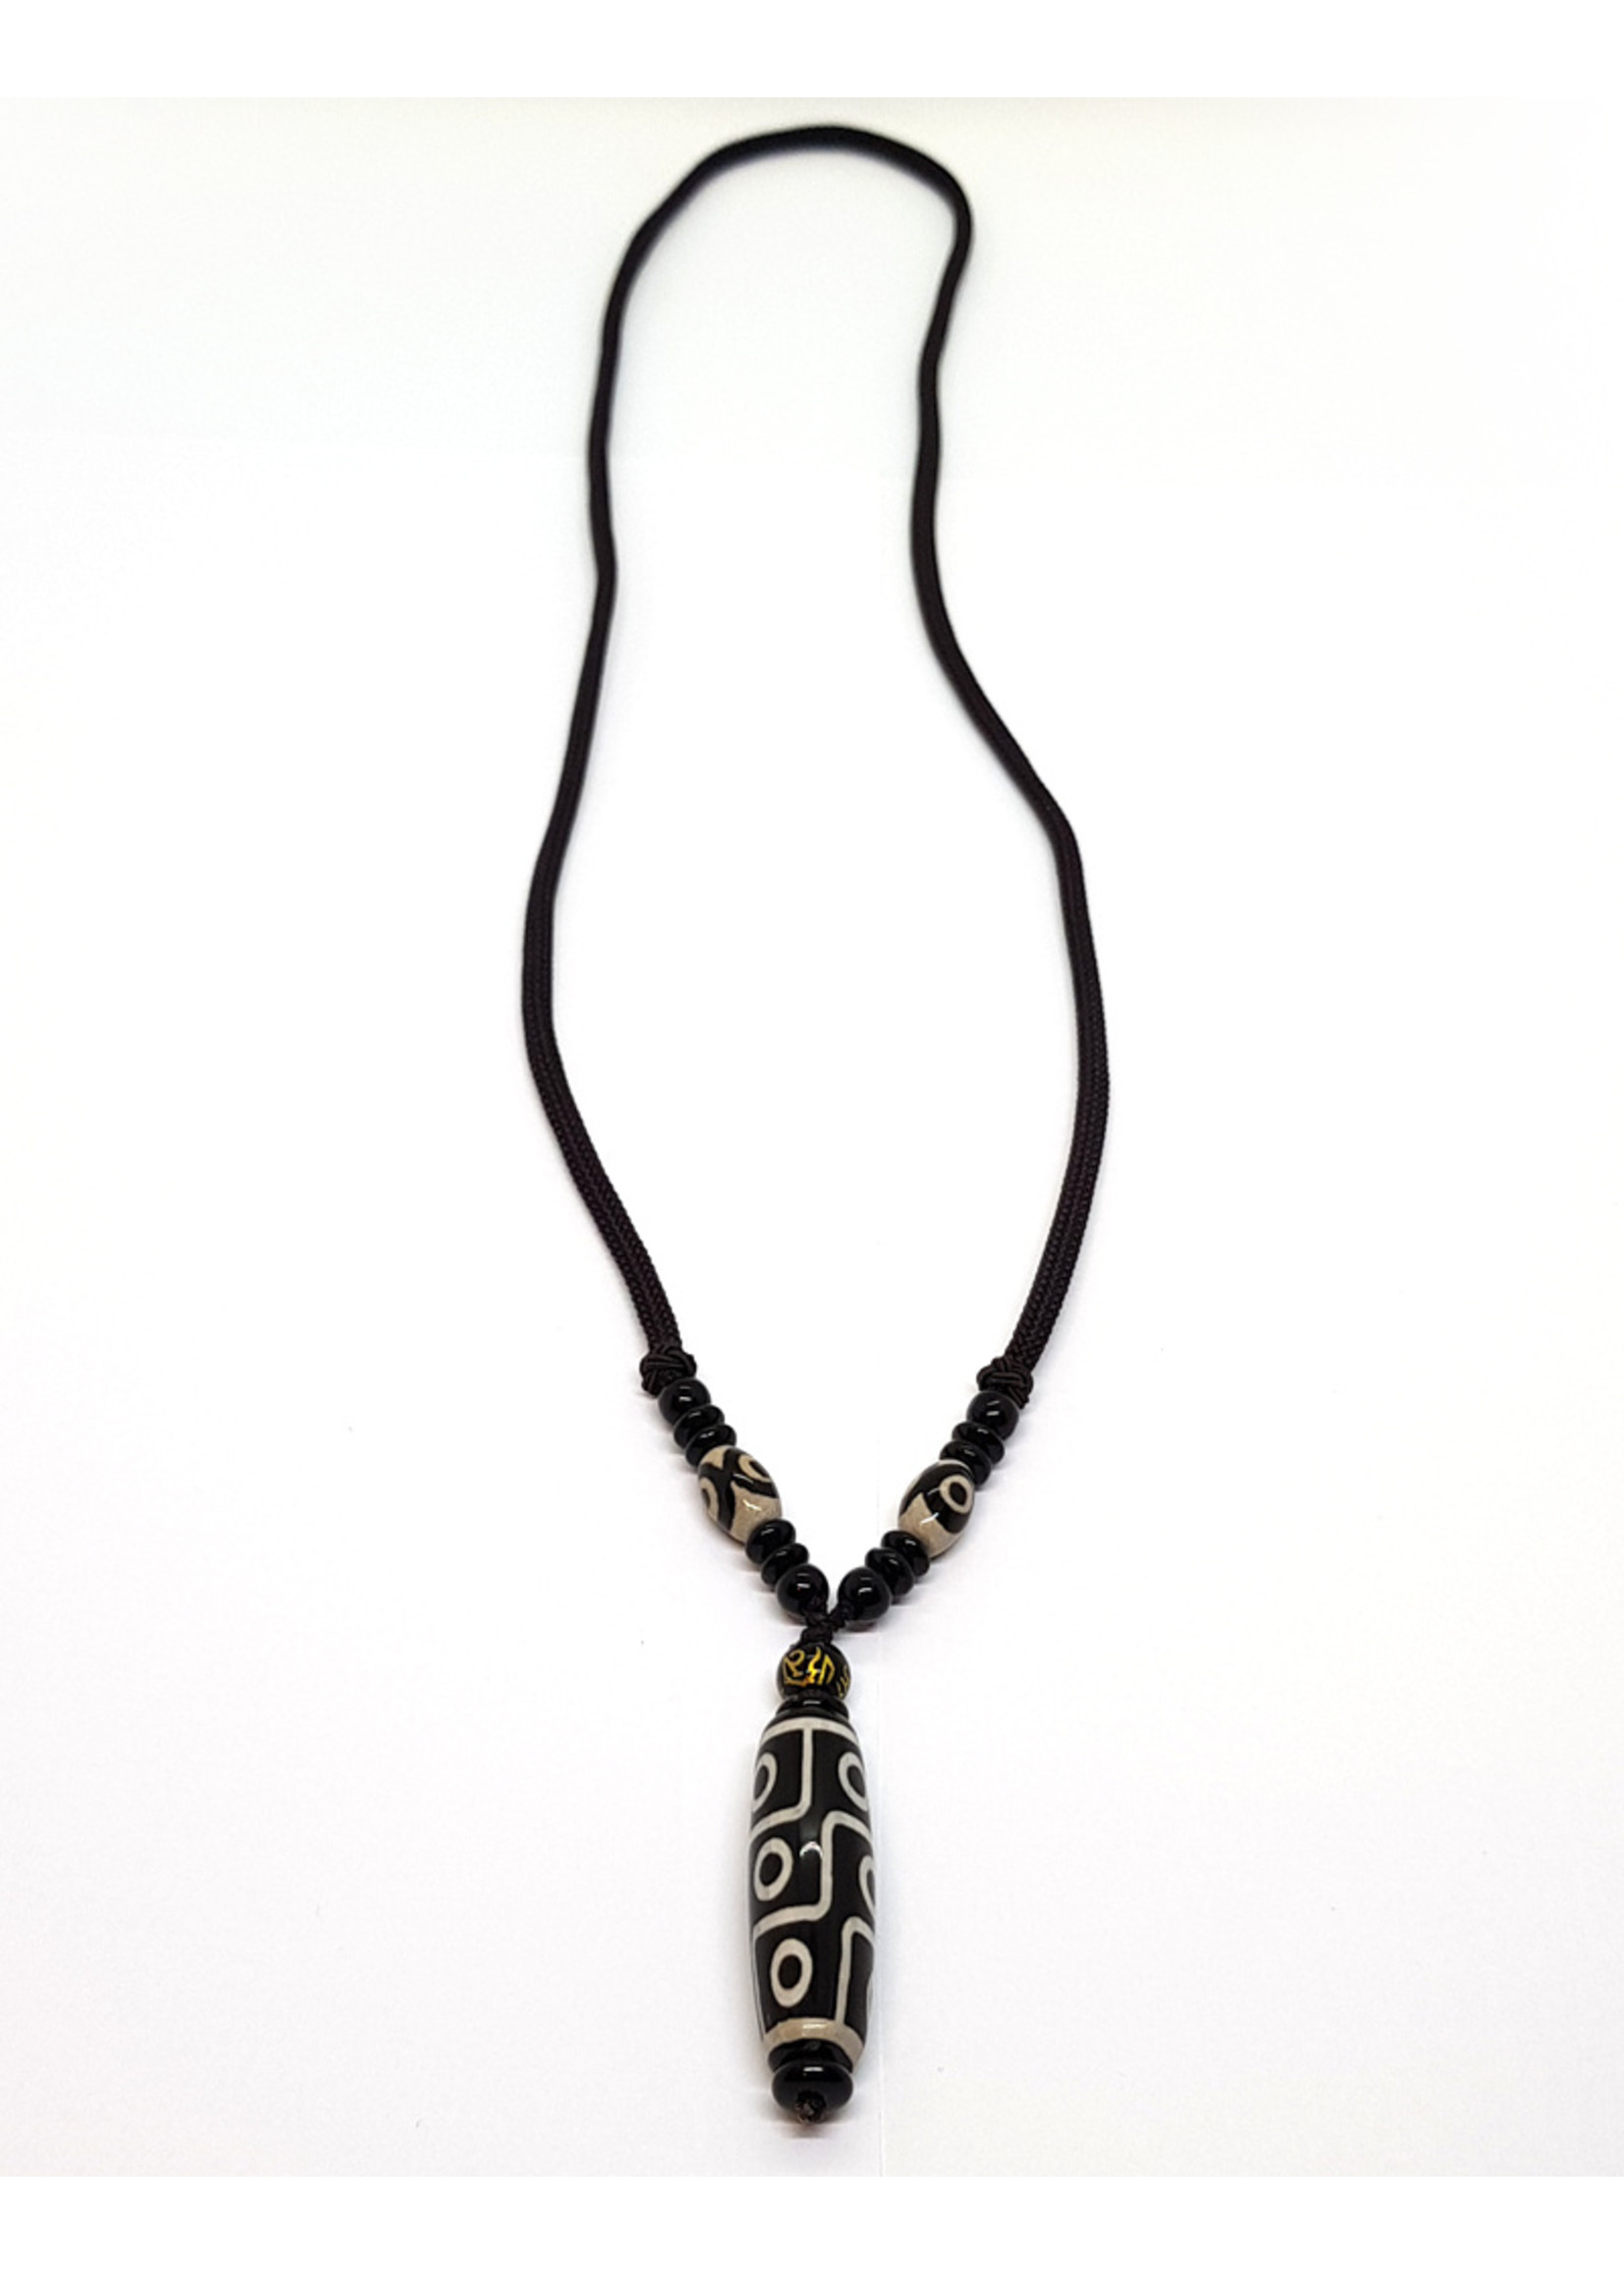 Halskette Dzi 9-Auge Anhänger mit Kette, Ghangchen